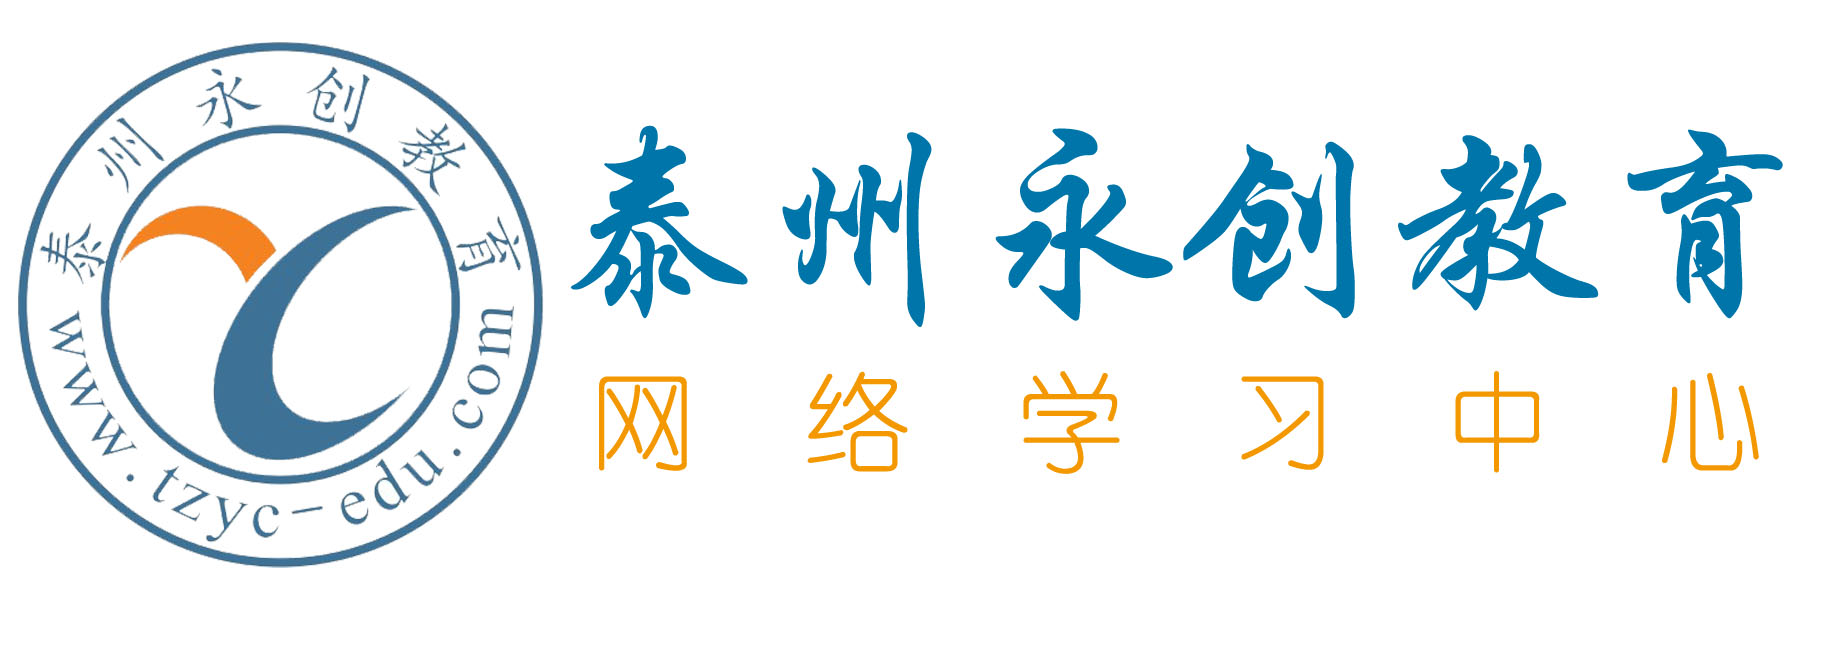 泰州永创教育网络学习中心